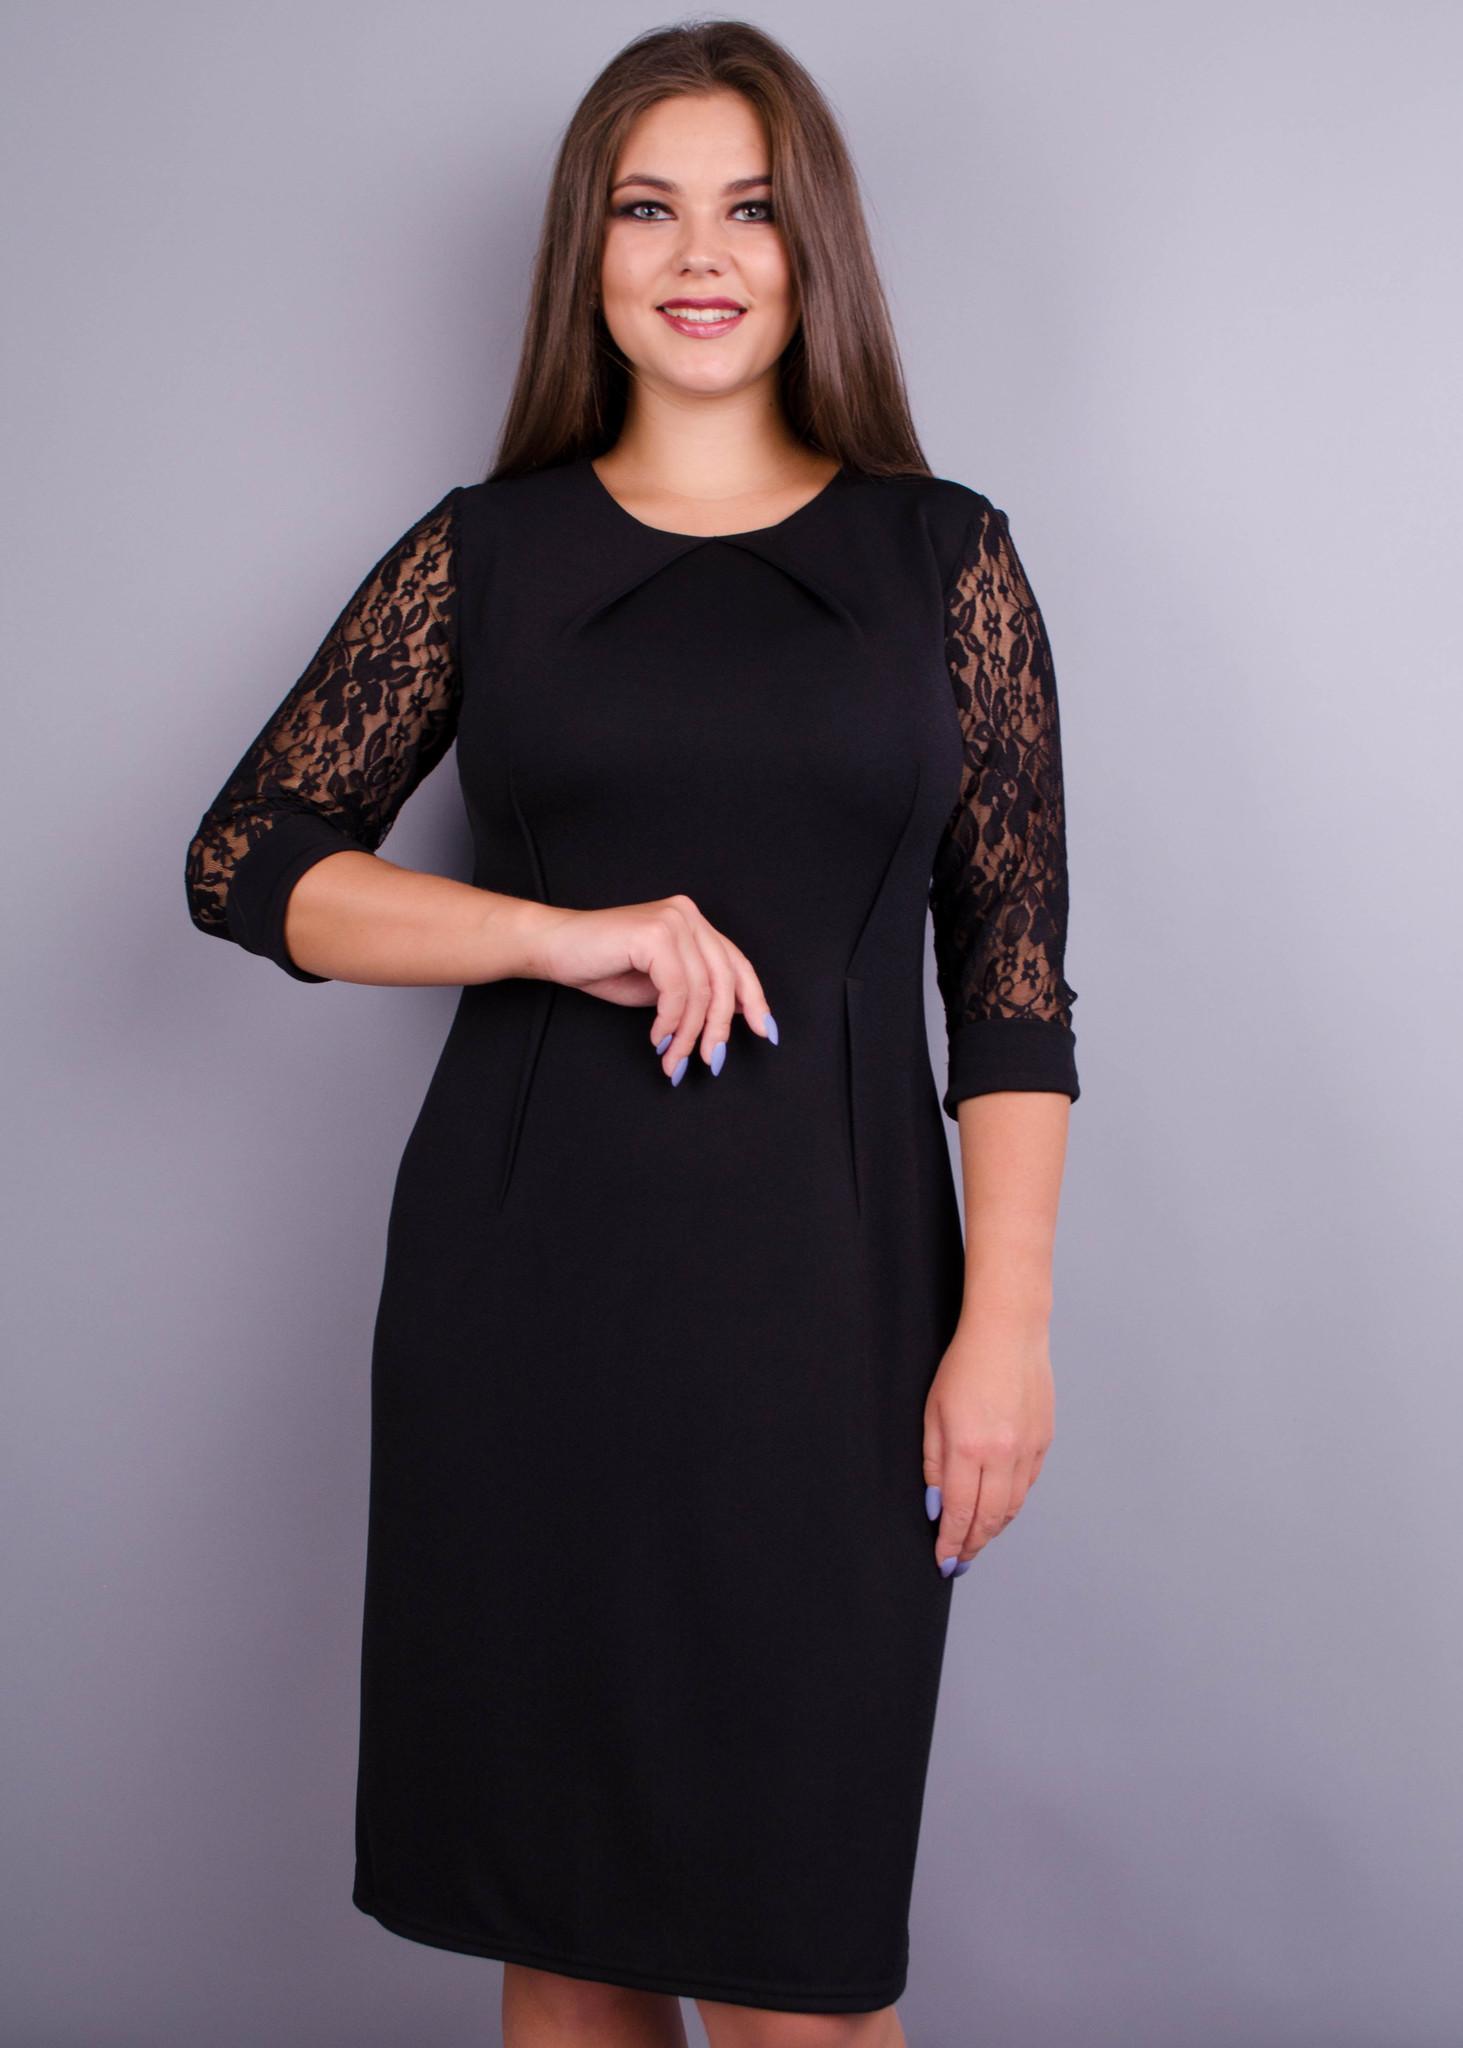 Ля Руж. Стильне жіноче плаття великих розмірів. Чорний. - купить по ... b347ae3c838bc